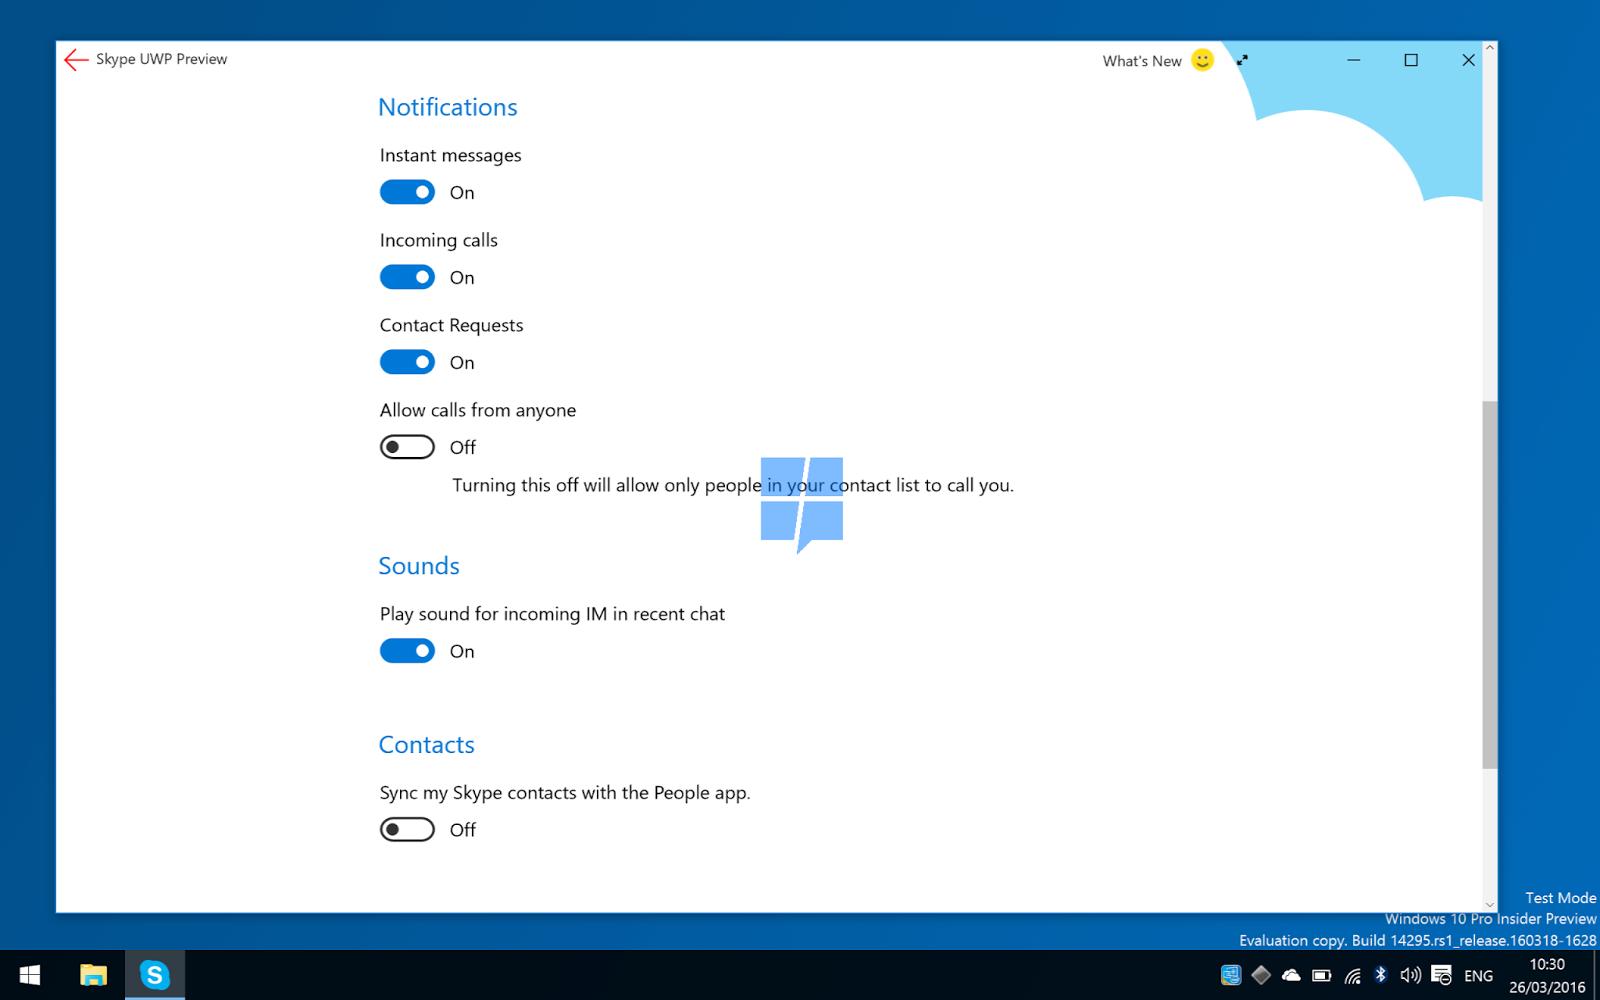 Utilizzo di Skype nella totalità delle sue funzioni htnovo